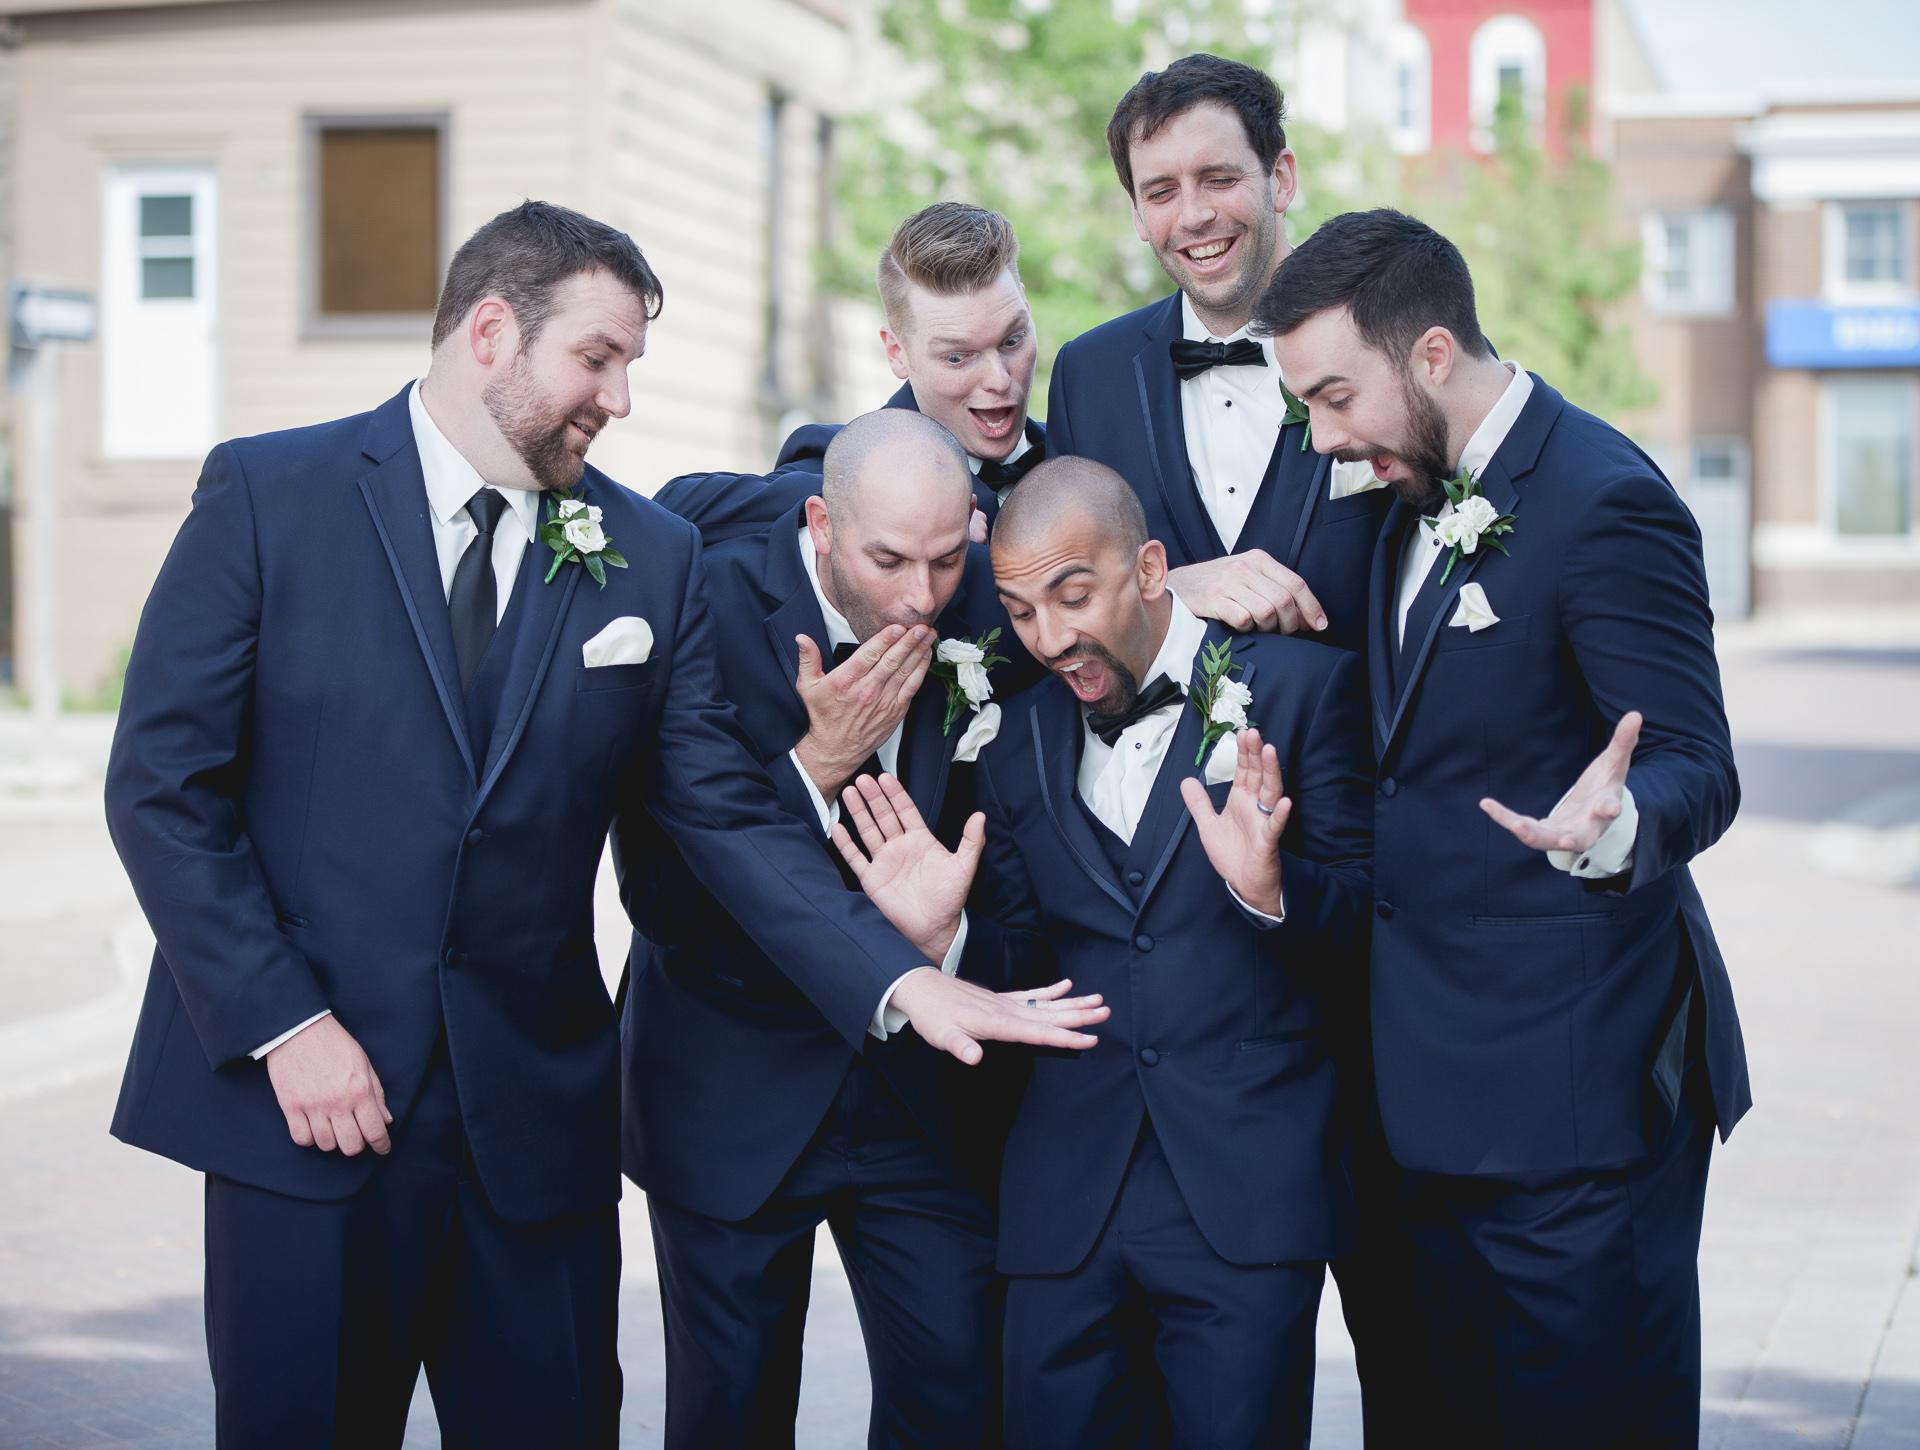 kincardine groomsmen ring envy